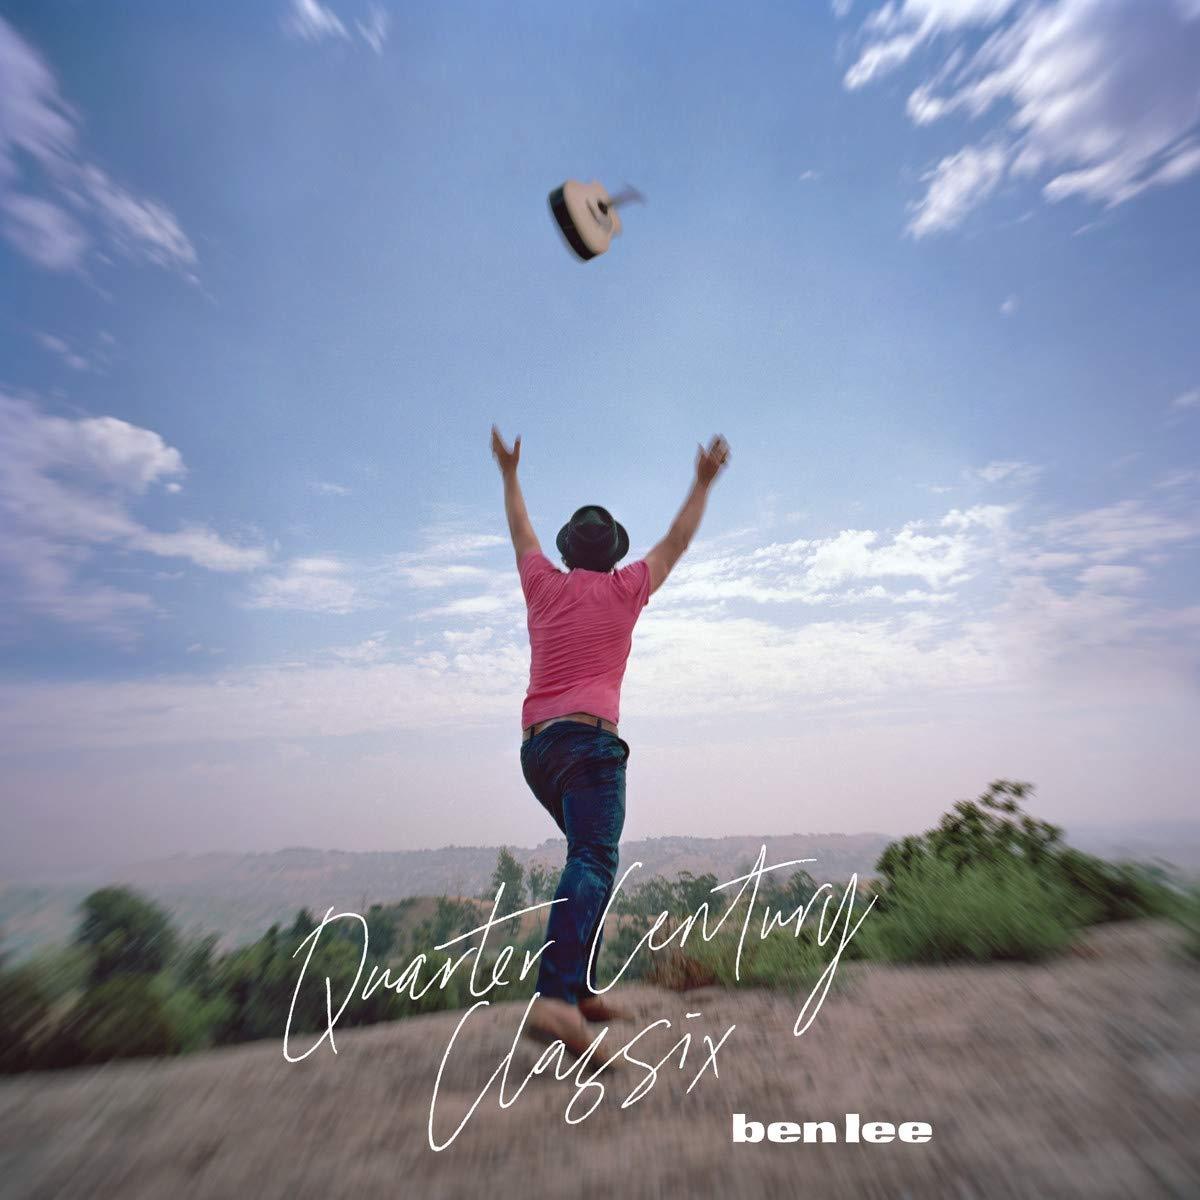 Ben Lee – Quarter Century Classix (CD)